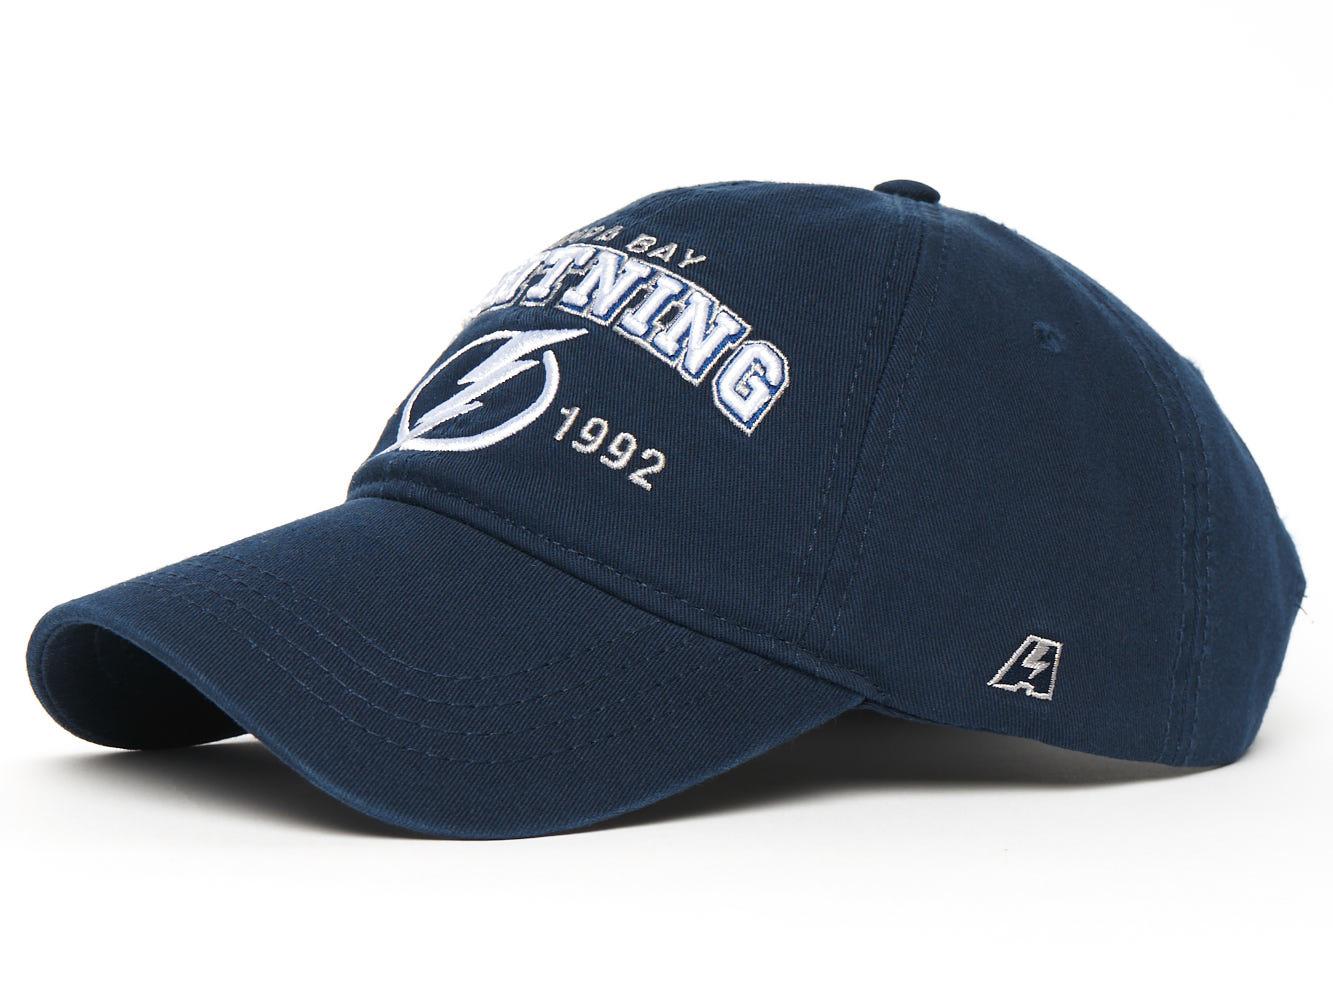 Бейсболка NHL Tampa Bay Lightning est. 1992